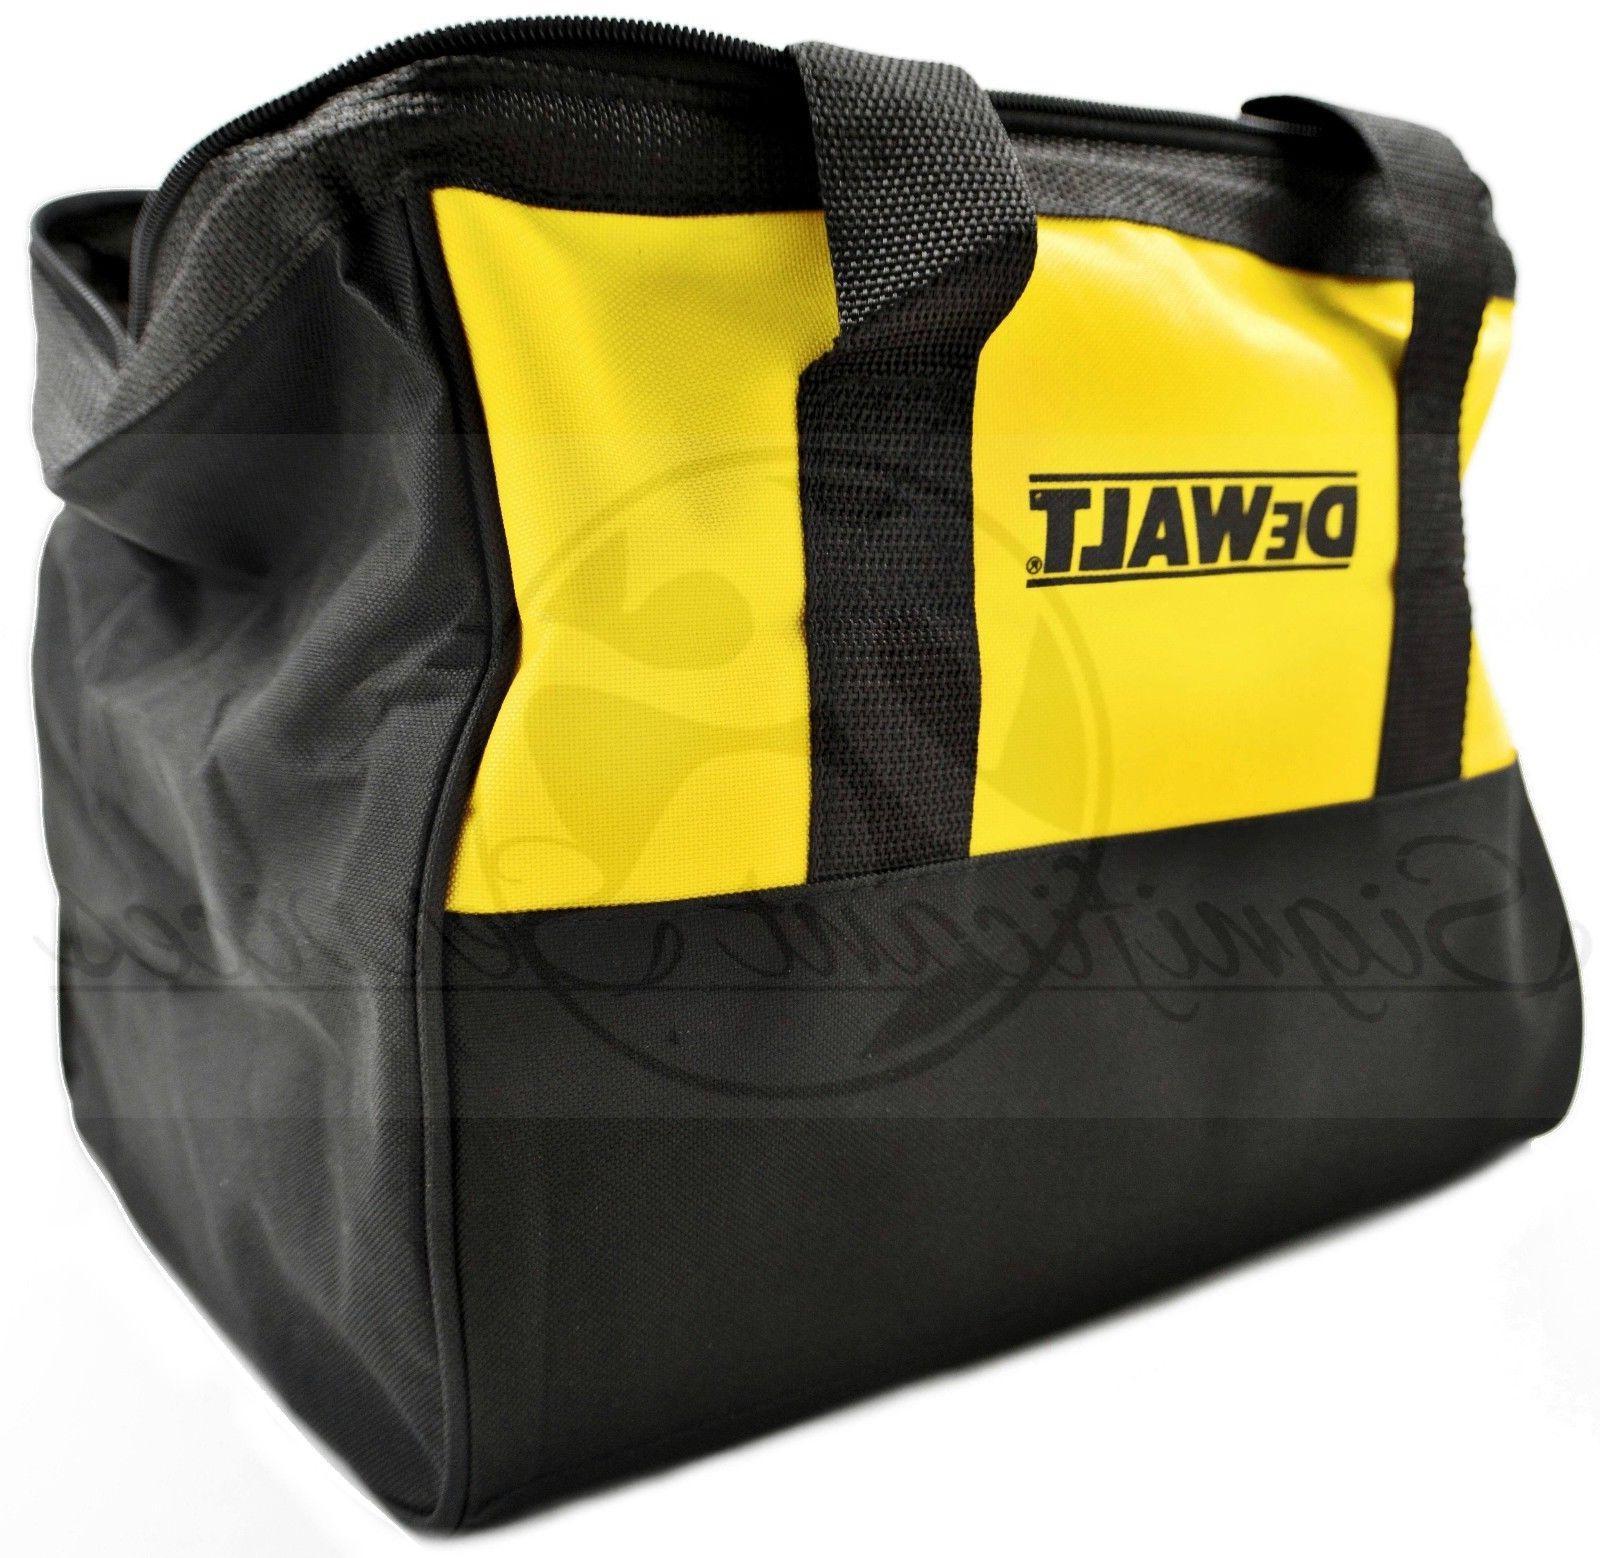 DeWALT 12V 20V Tool Bag Case for Impact Hammer Drill Charger